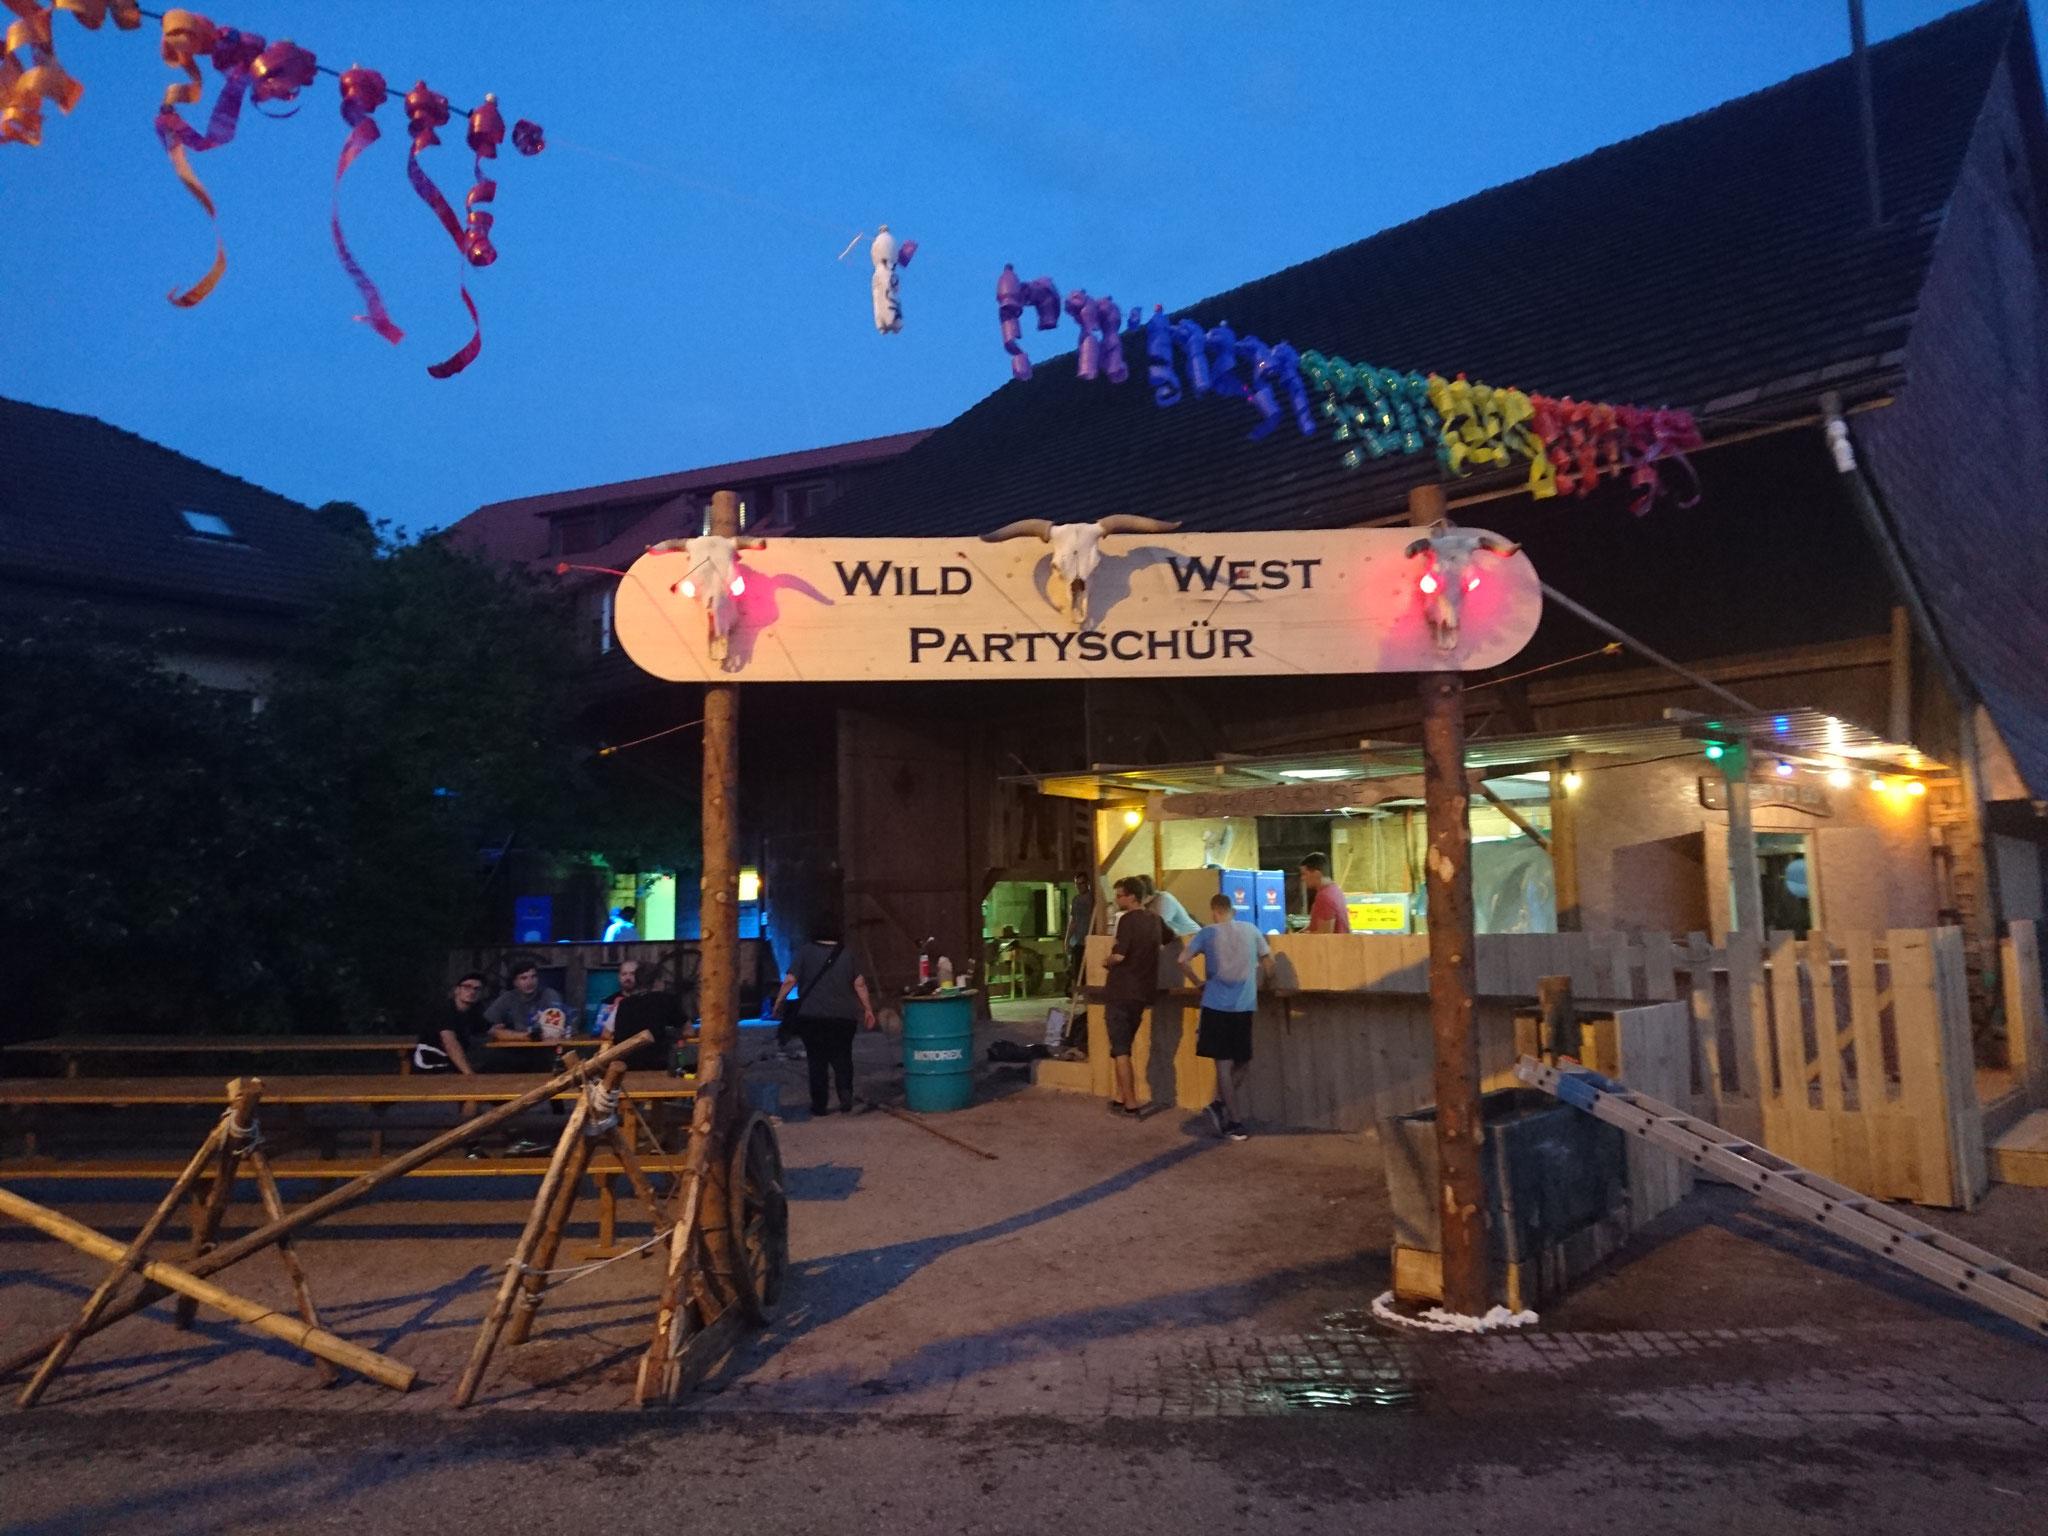 Wild West Partyschür